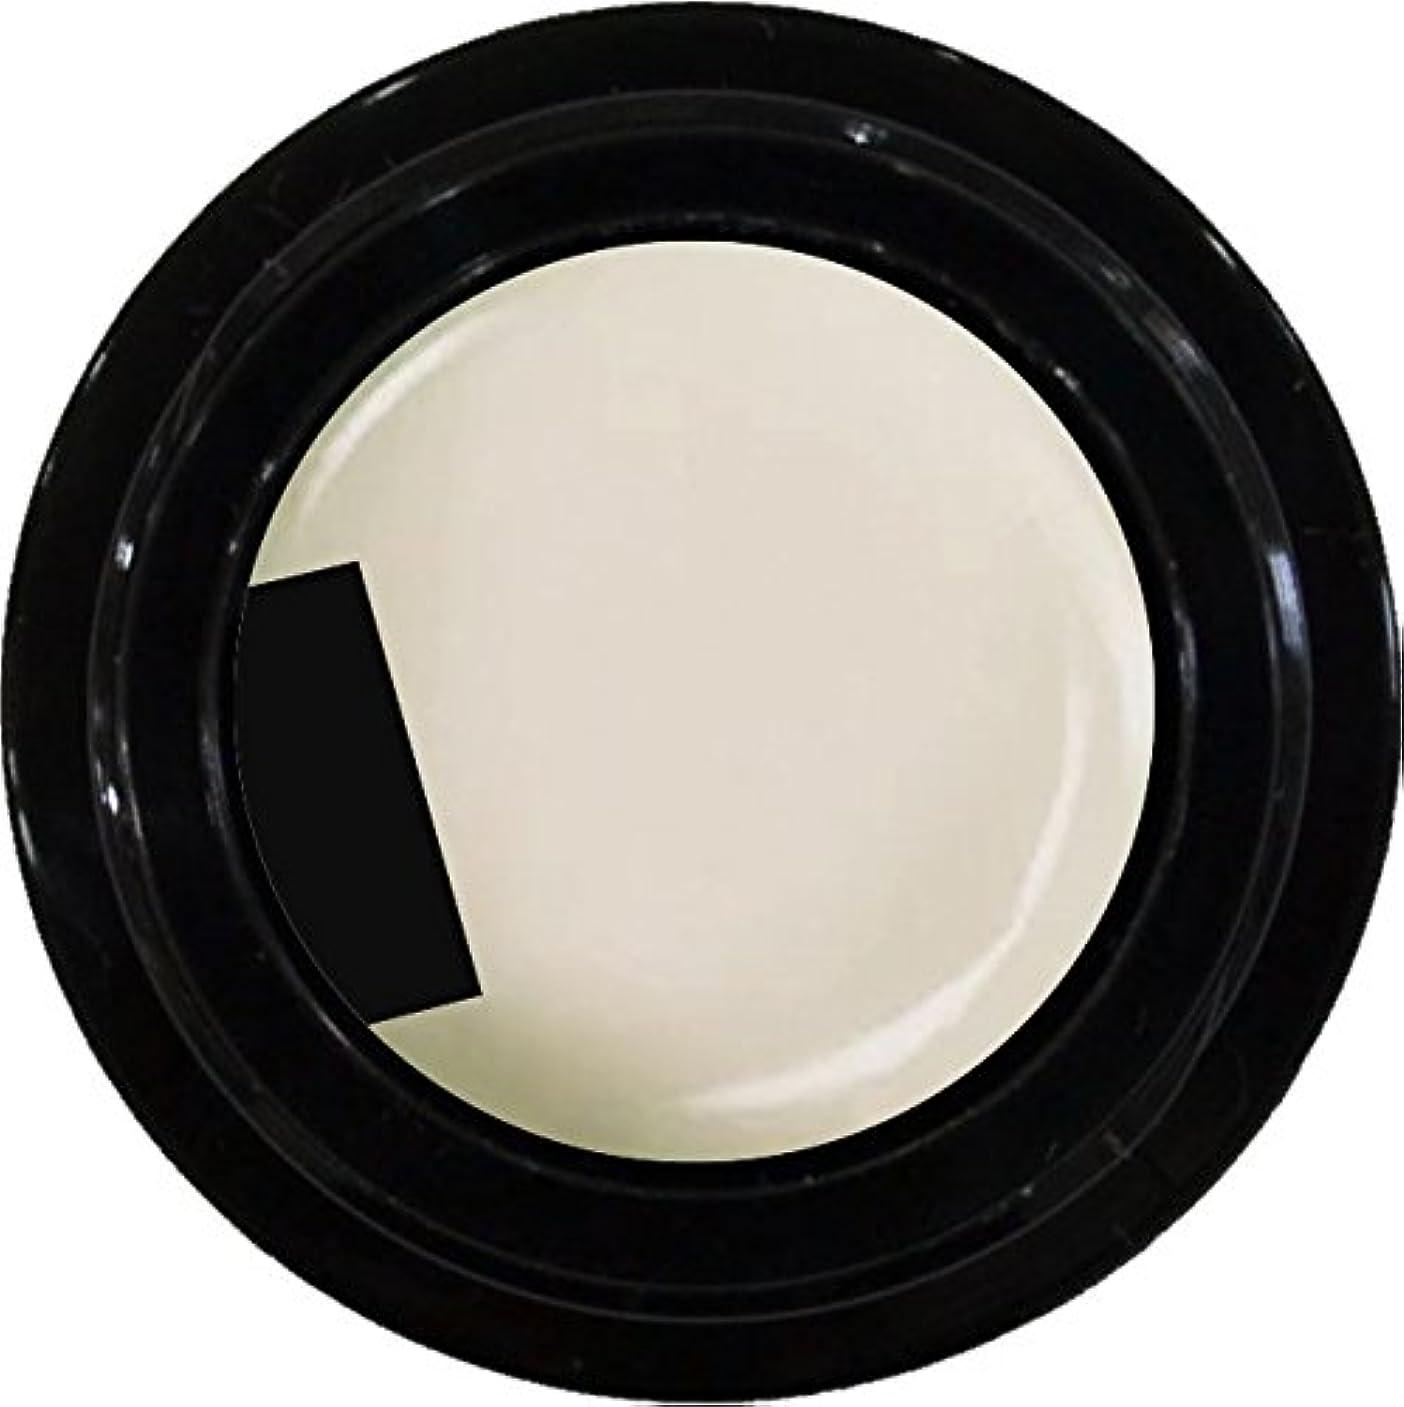 怒る借りる過去カラージェル enchant color gel M006 MilkyWhite 3g/ マットカラージェル M006 ミルキーホワイト 3グラム